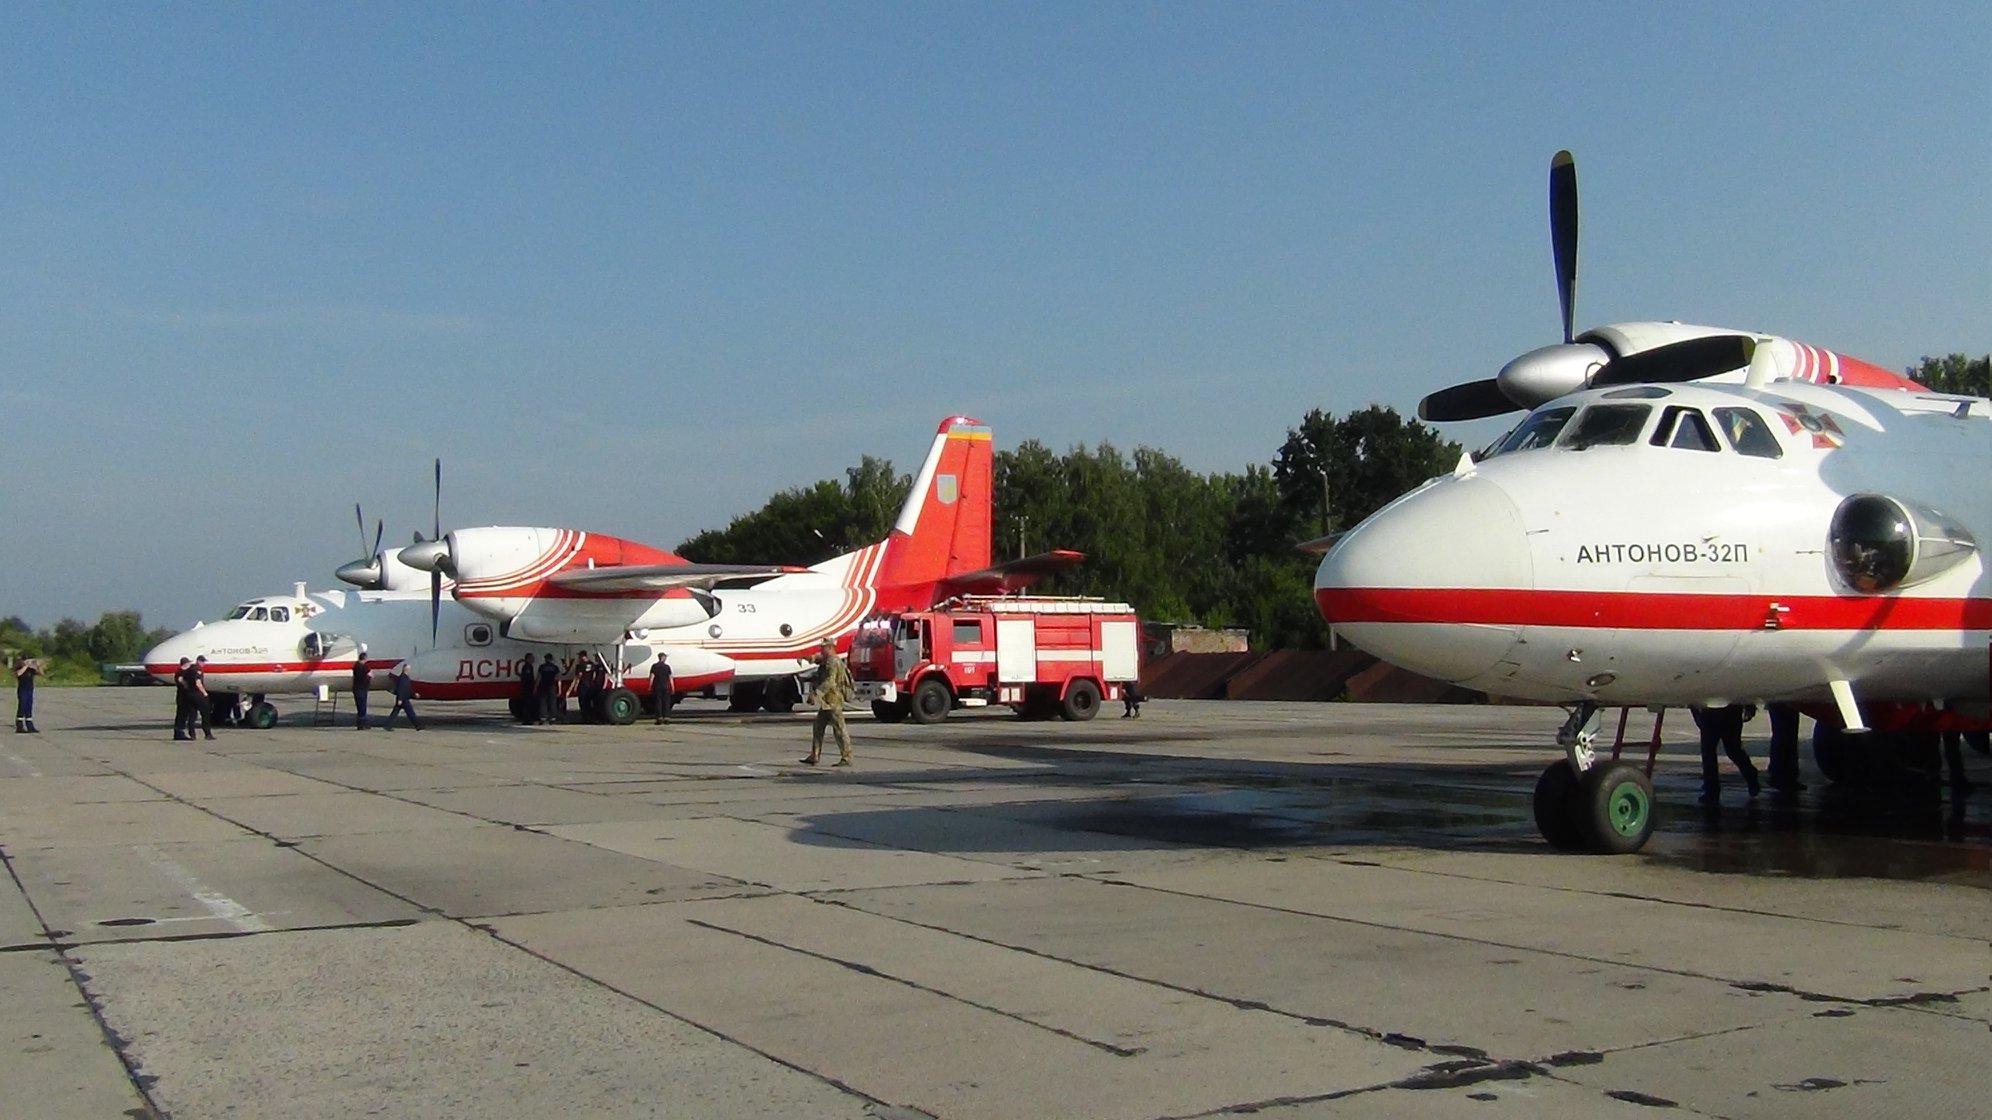 Прикарпатські рятувальники вчаться гасити лісові пожежі з літаків та гелікоптерів 12